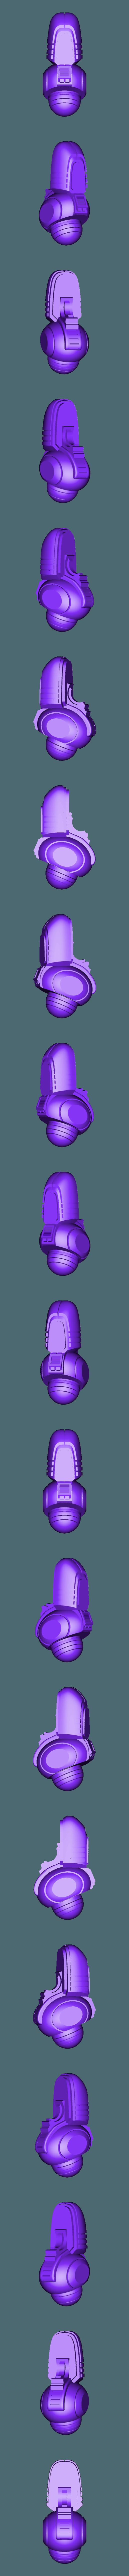 1-100th Defender Layout-HighRez-LowerLeg2.stl Télécharger fichier STL gratuit 1/100e de l'échelle Defender Mech • Design pour imprimante 3D, johnbearross